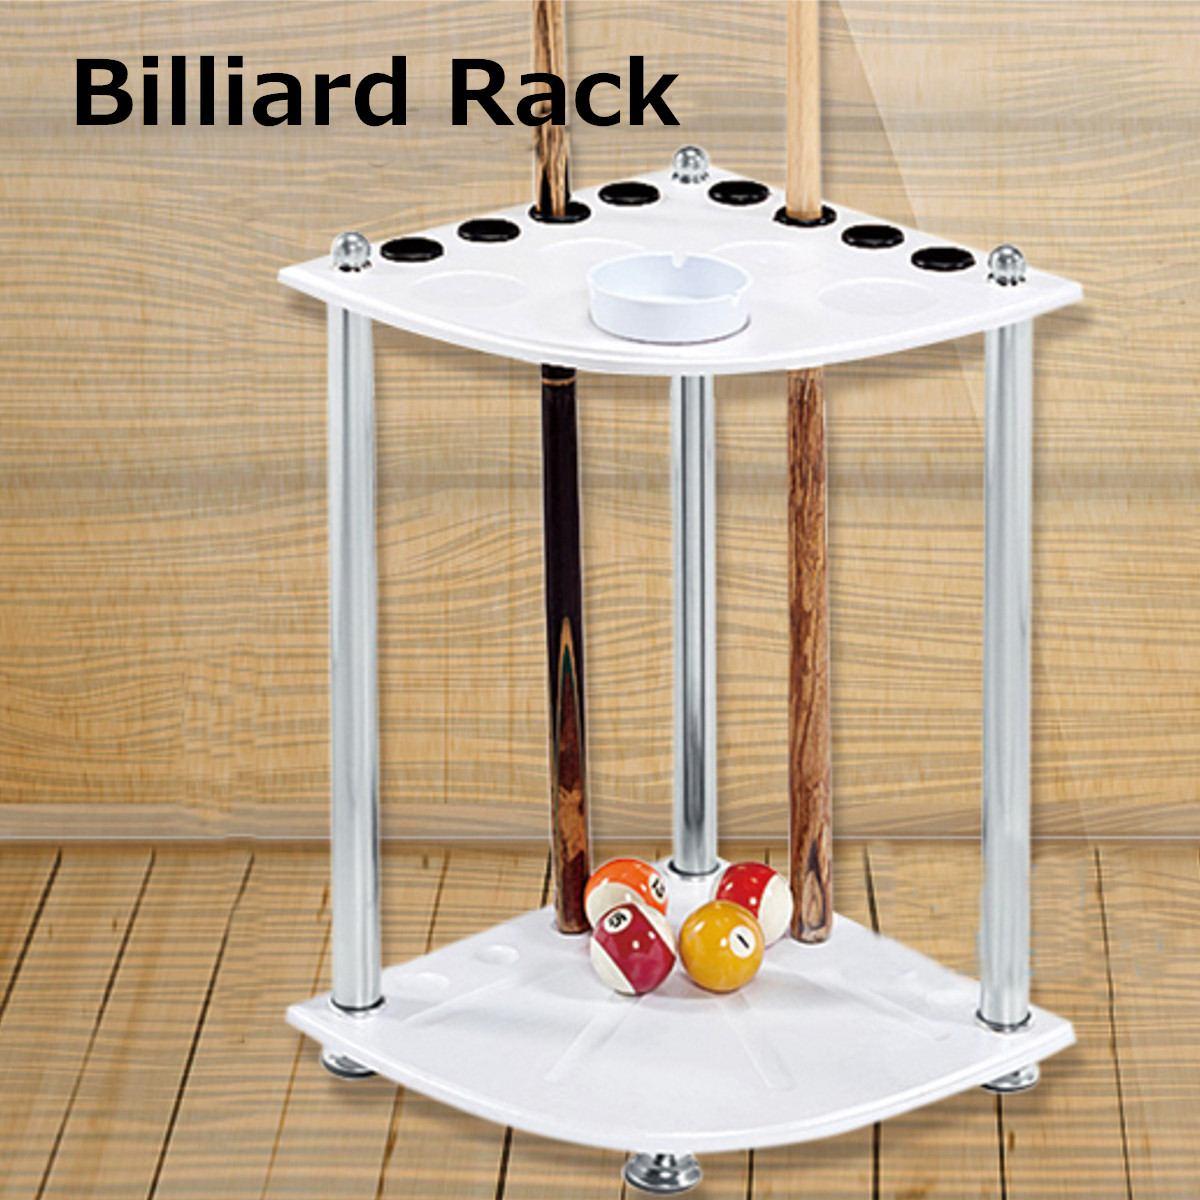 8 trous en bois coin queue Rack piscine Snooker Stand Table boules boisson reste bâton titulaire organisateur Snooker billard accessoires